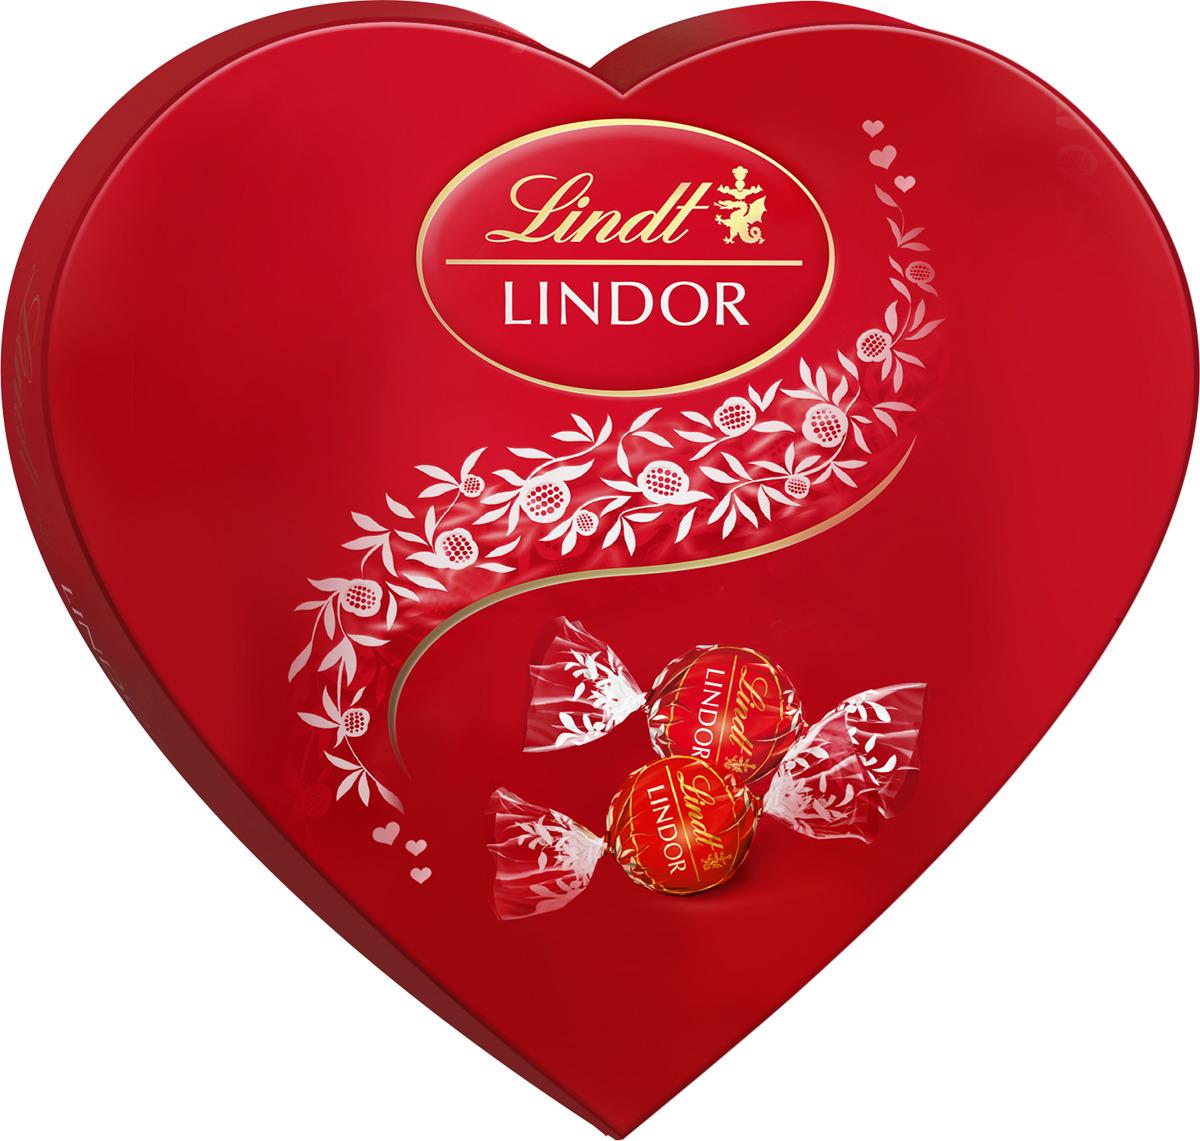 Конфеты шоколадные Lindt Lindor, 160 г lindt lindor конфеты из молочного шоколада 200 г